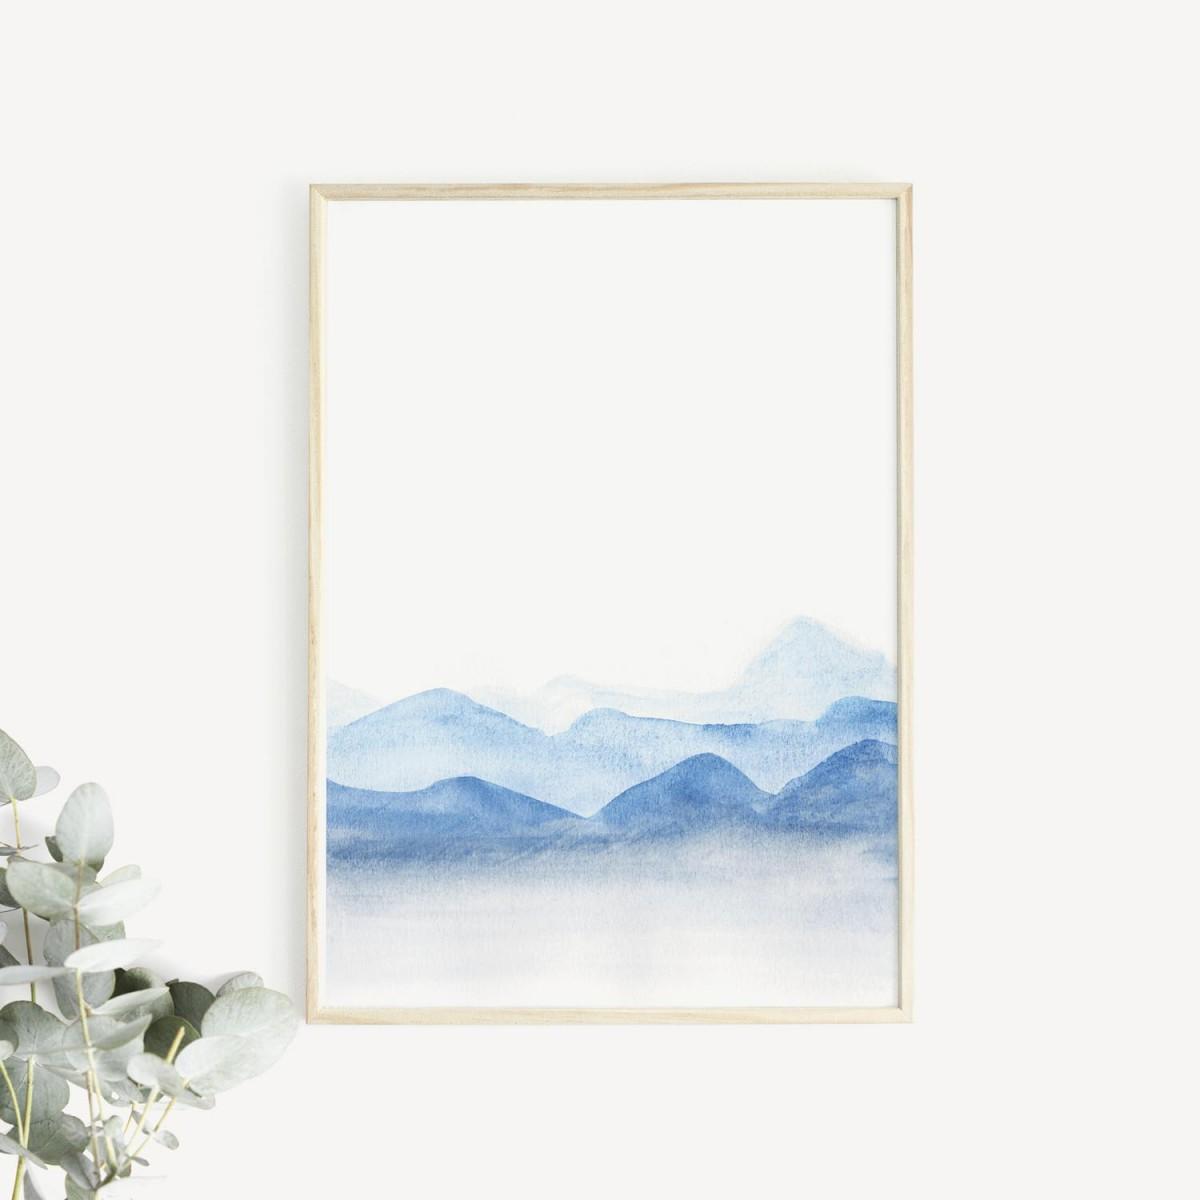 BLÅAVA Print als hochwertiger Posterdruck im skandinavischen Stil von Skanemarie +++ Geschenkidee